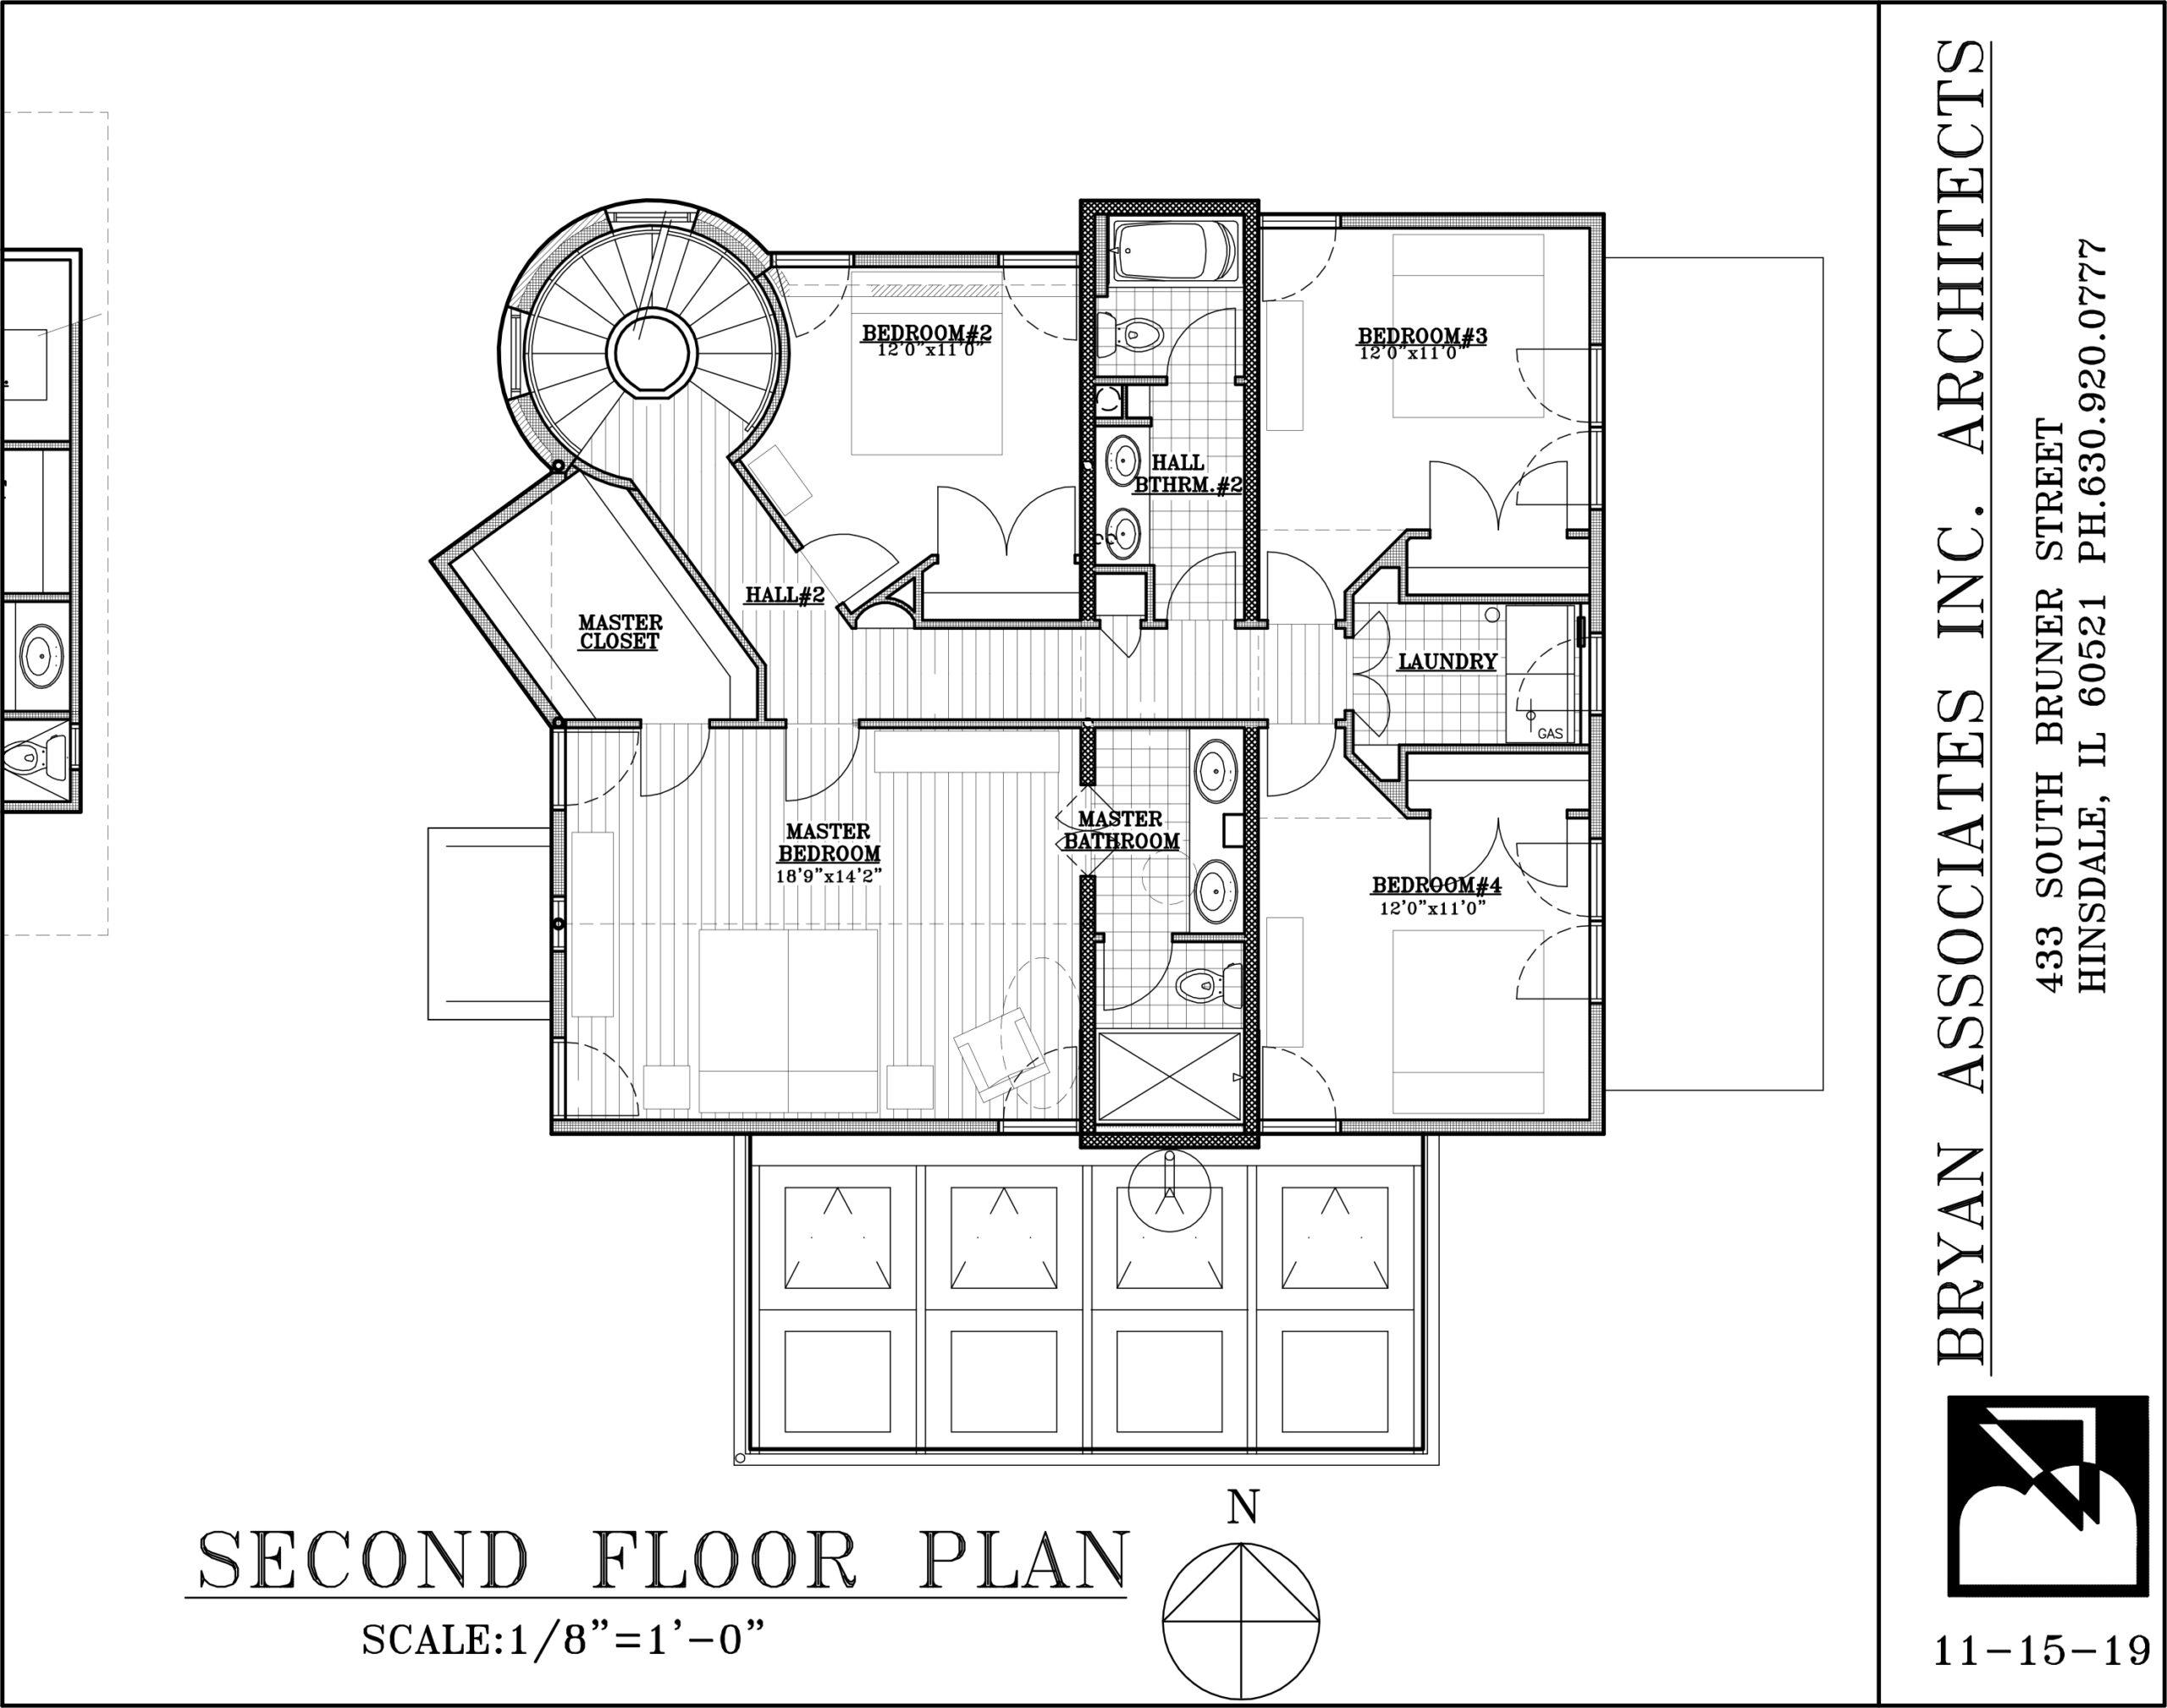 C:SHARED DATAProjectsResidentialNewHomesBoKShouseBOXhouse